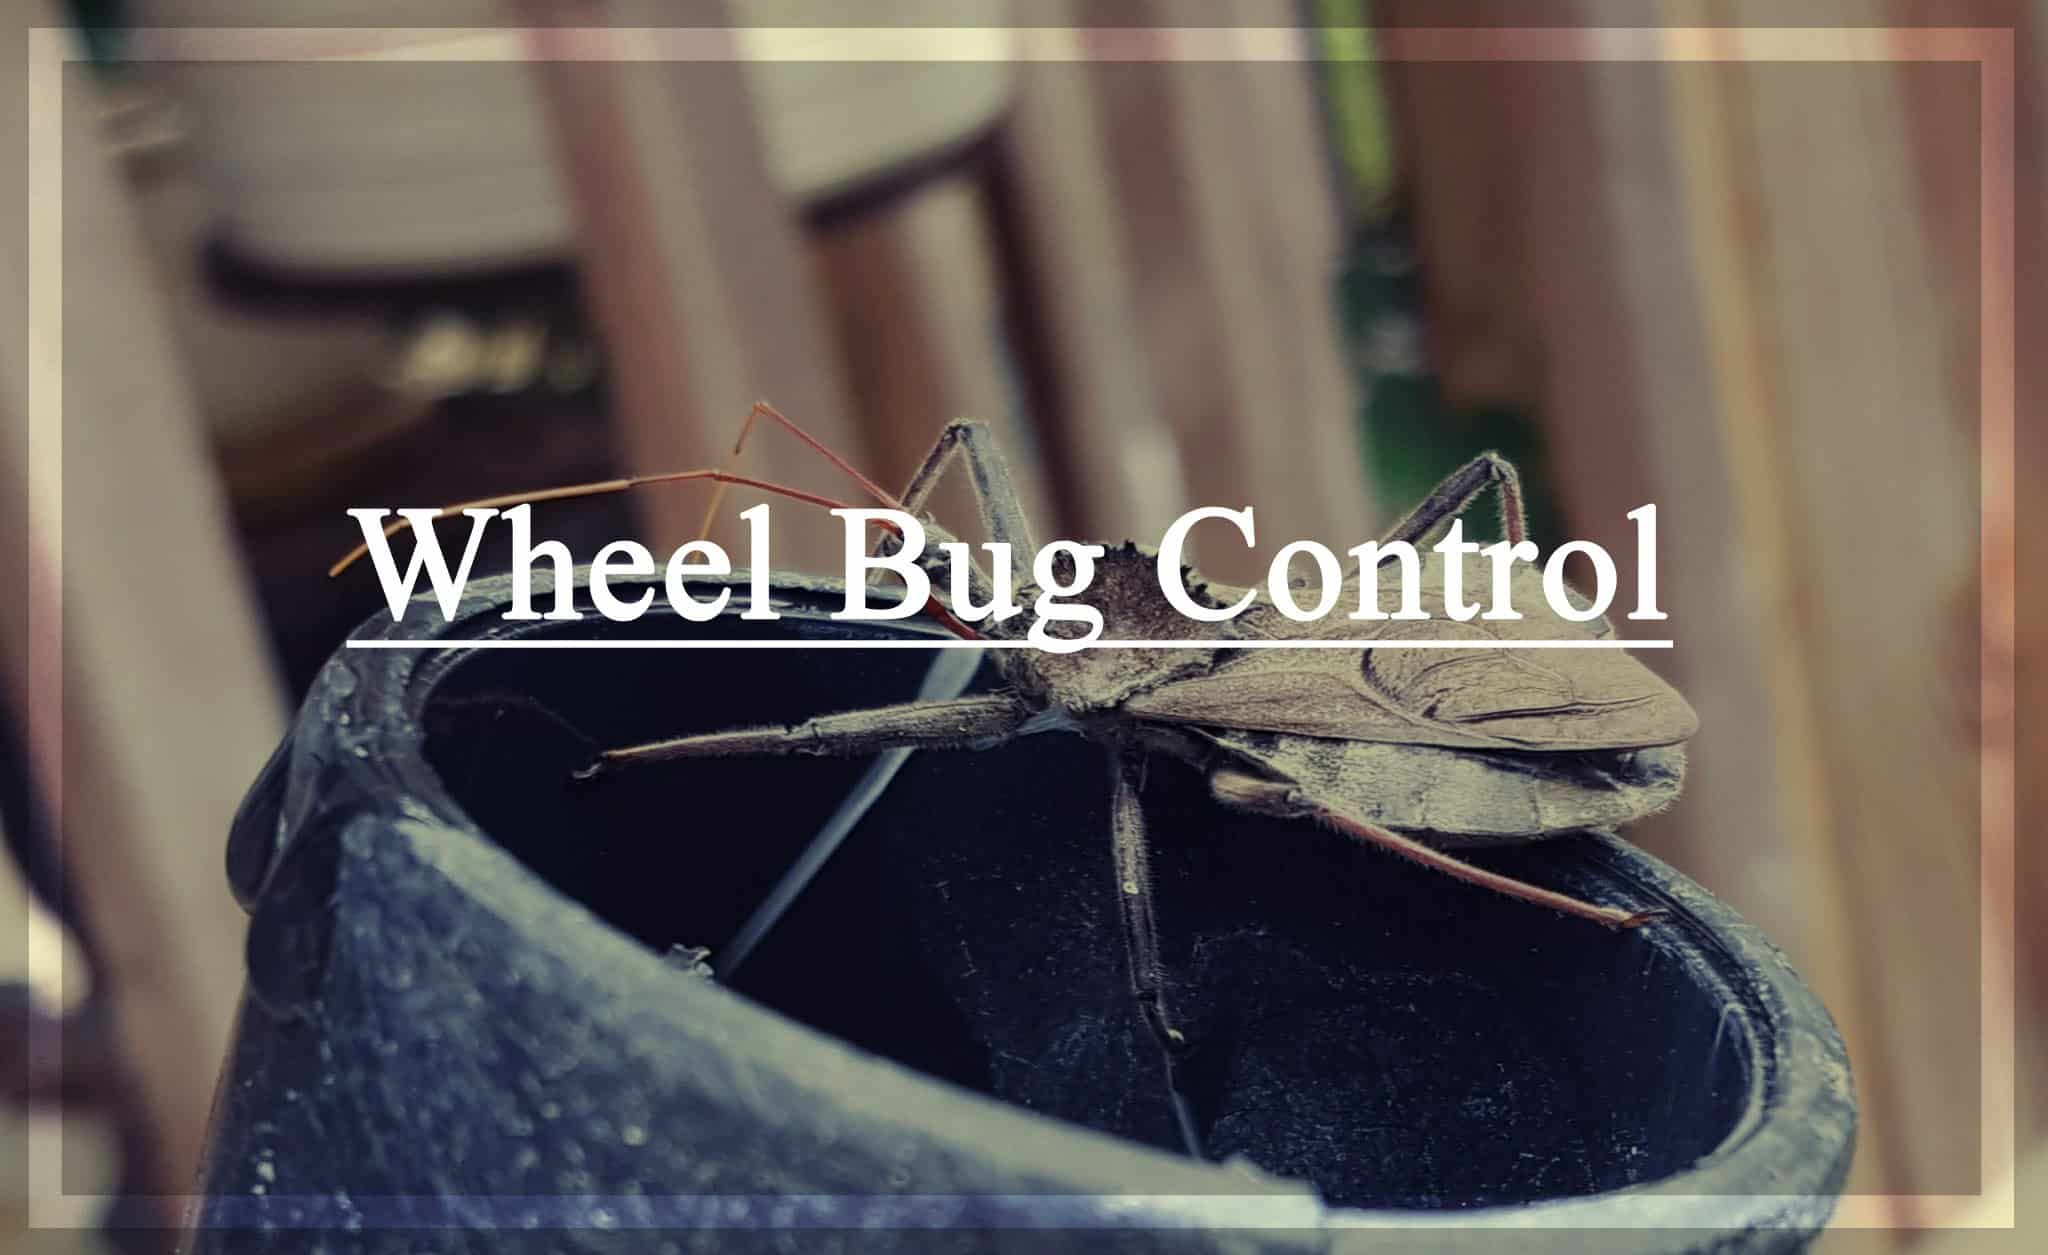 Control de Insectos en las Ruedas – Tratamiento de Picaduras y Remedios Caseros